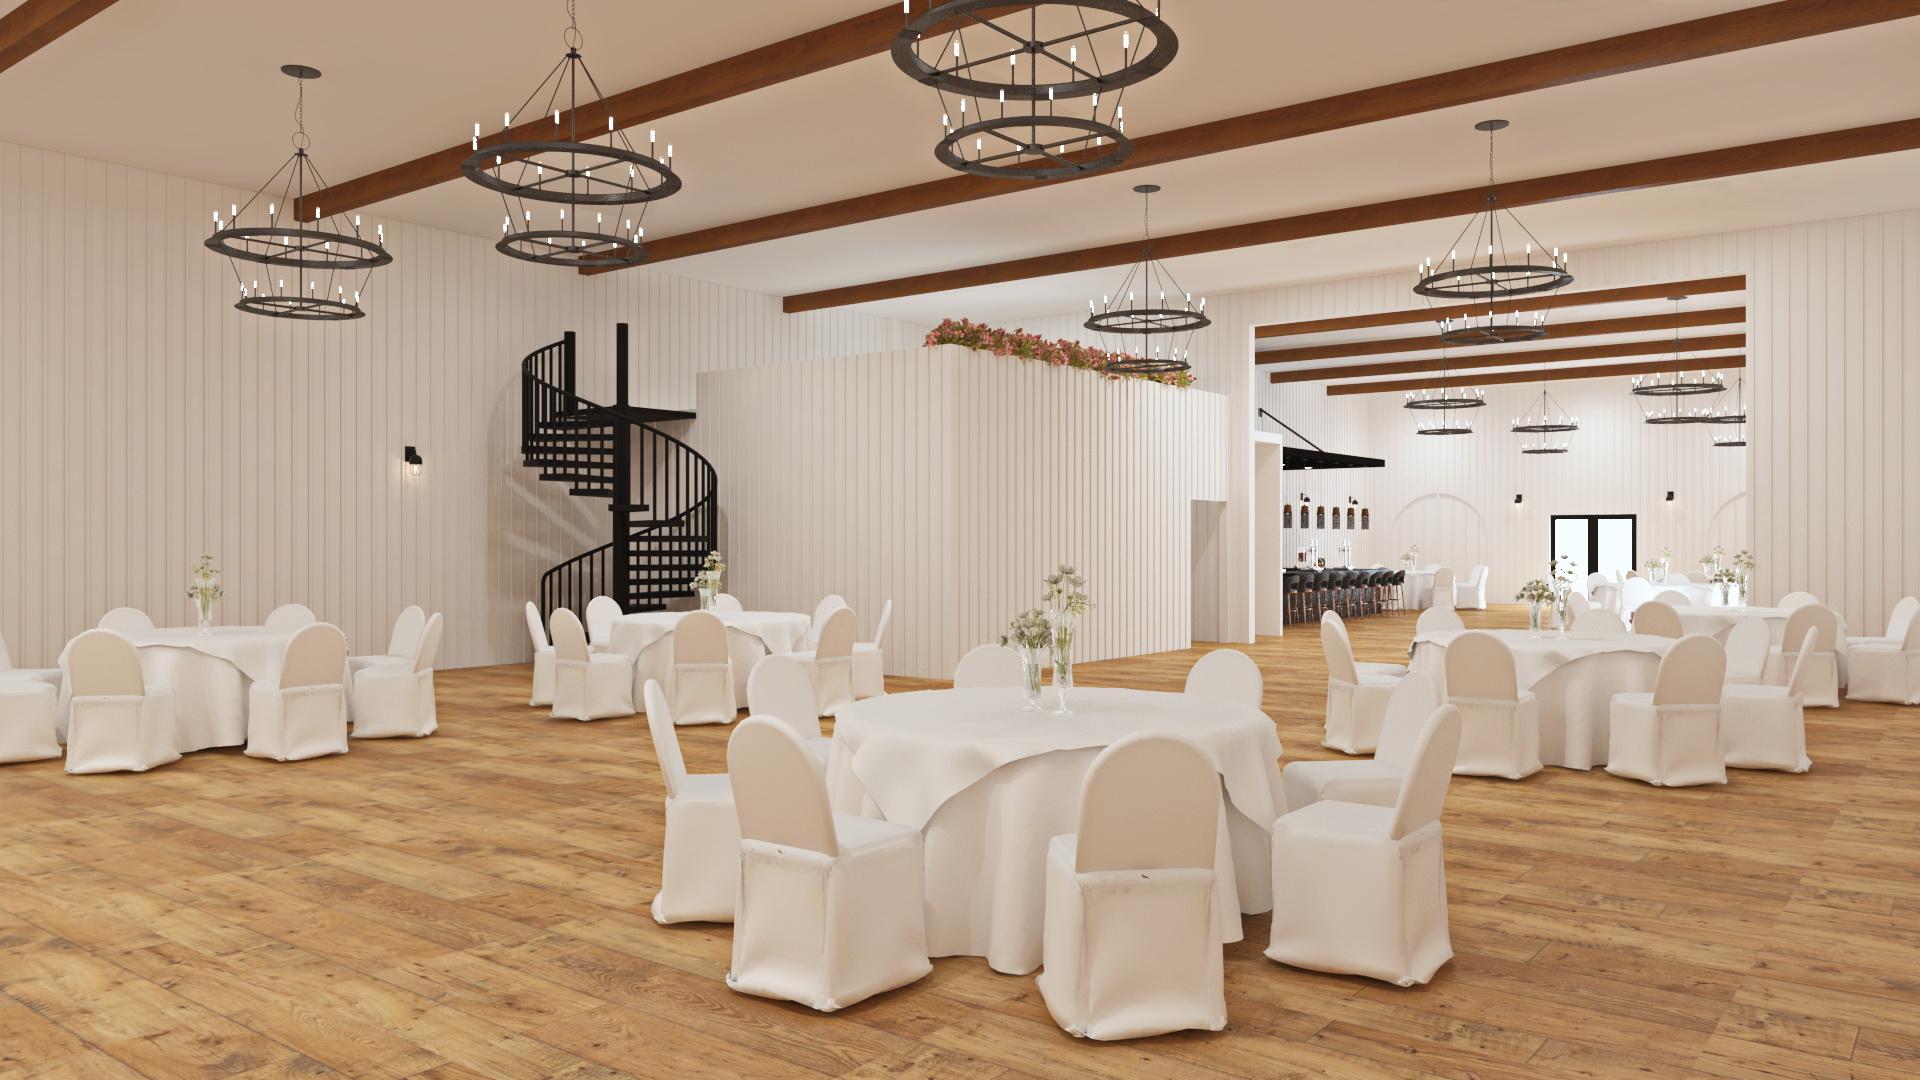 Banquet  interior 03 05-15-2020.jpg